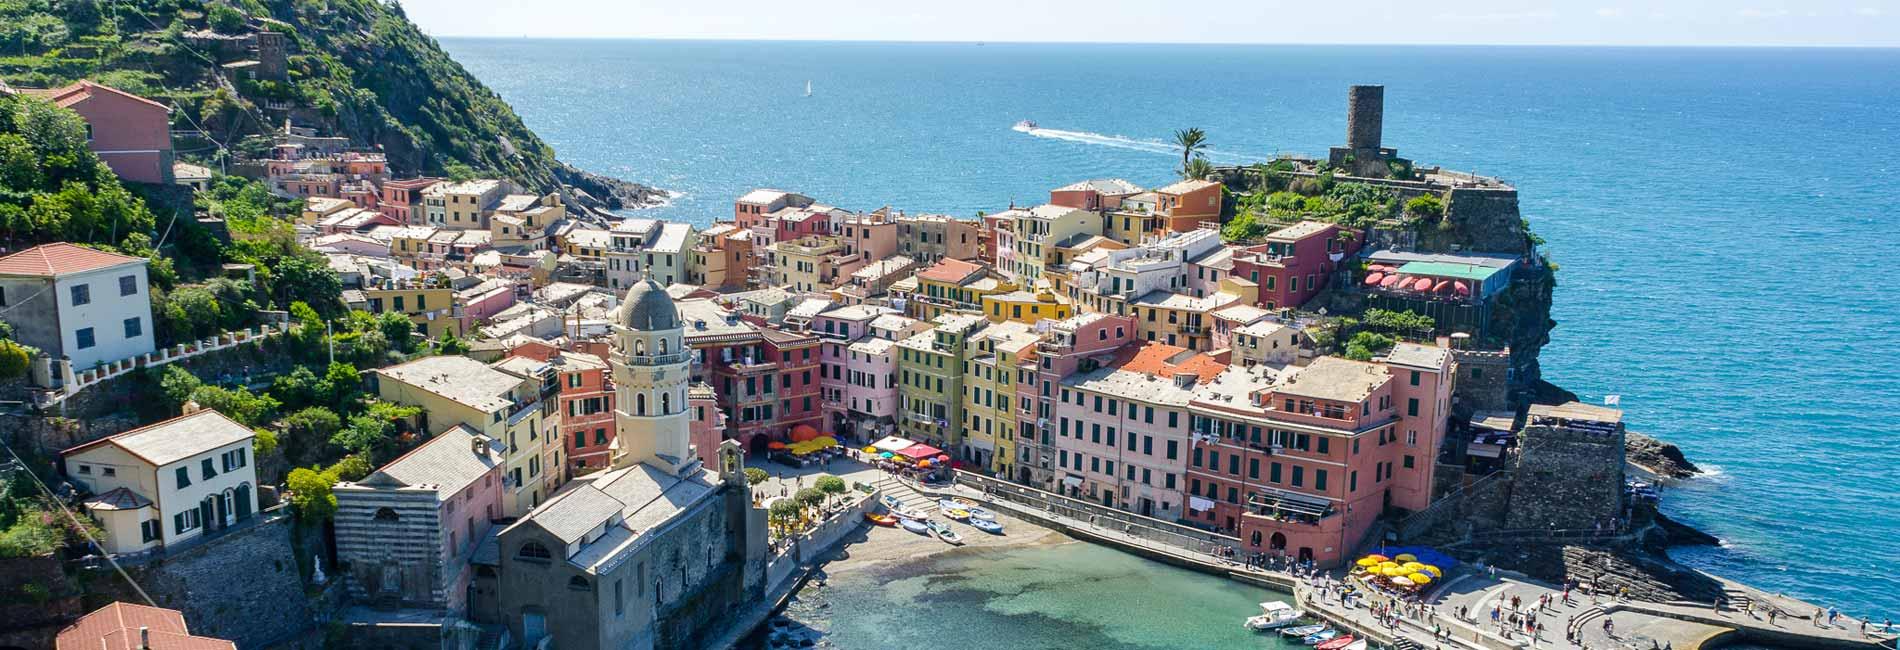 Foto di Vernazza, Cinque Terre Liguria